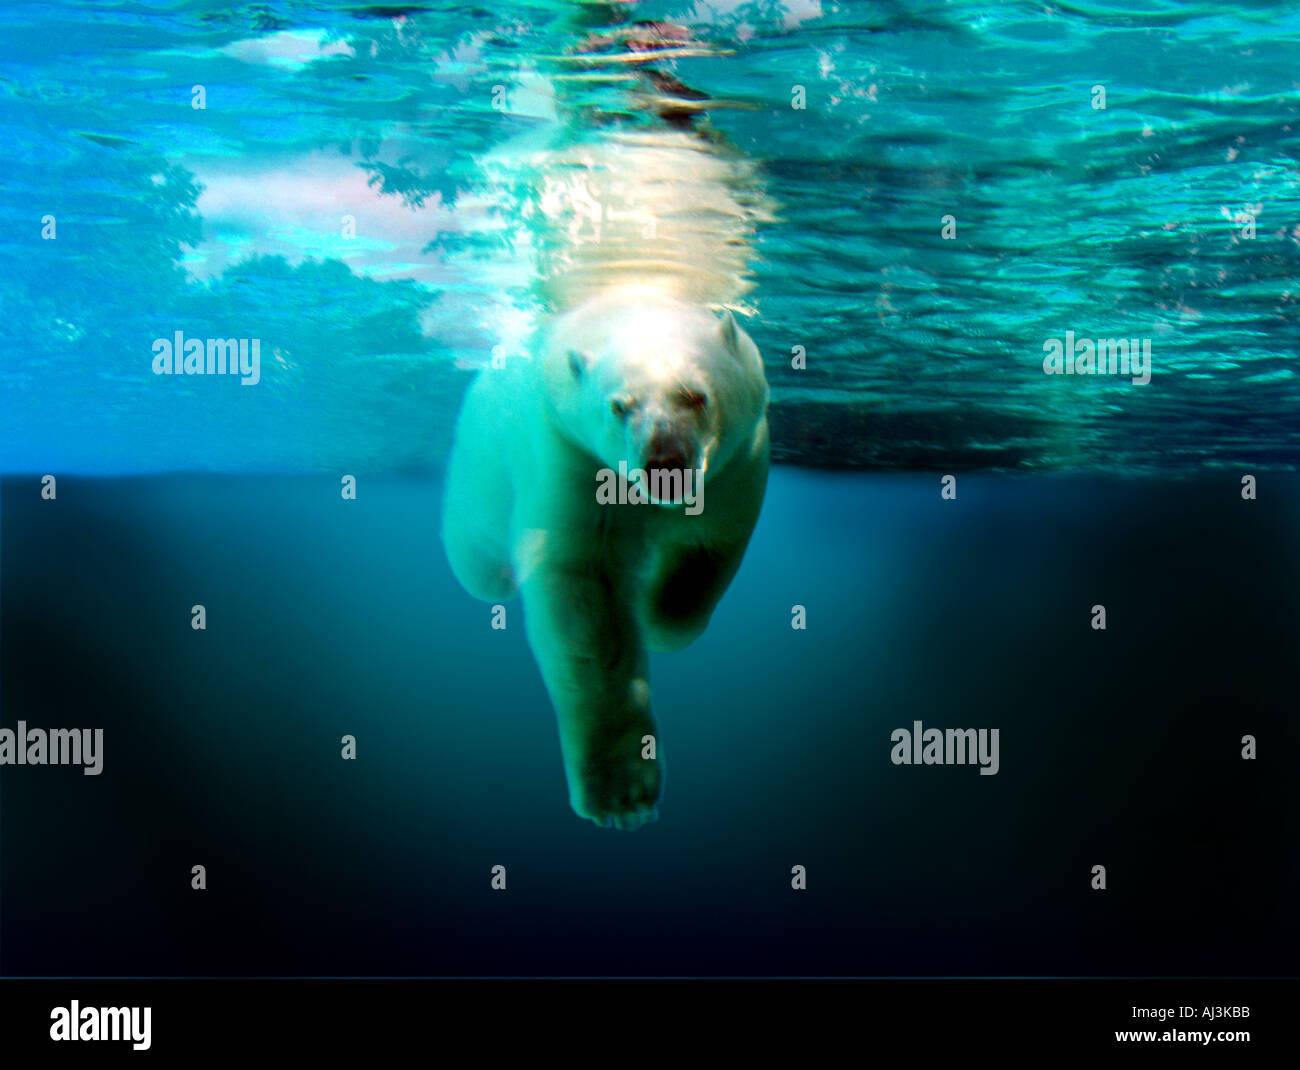 Polar Bear Submerged & Swimming - Stock Image